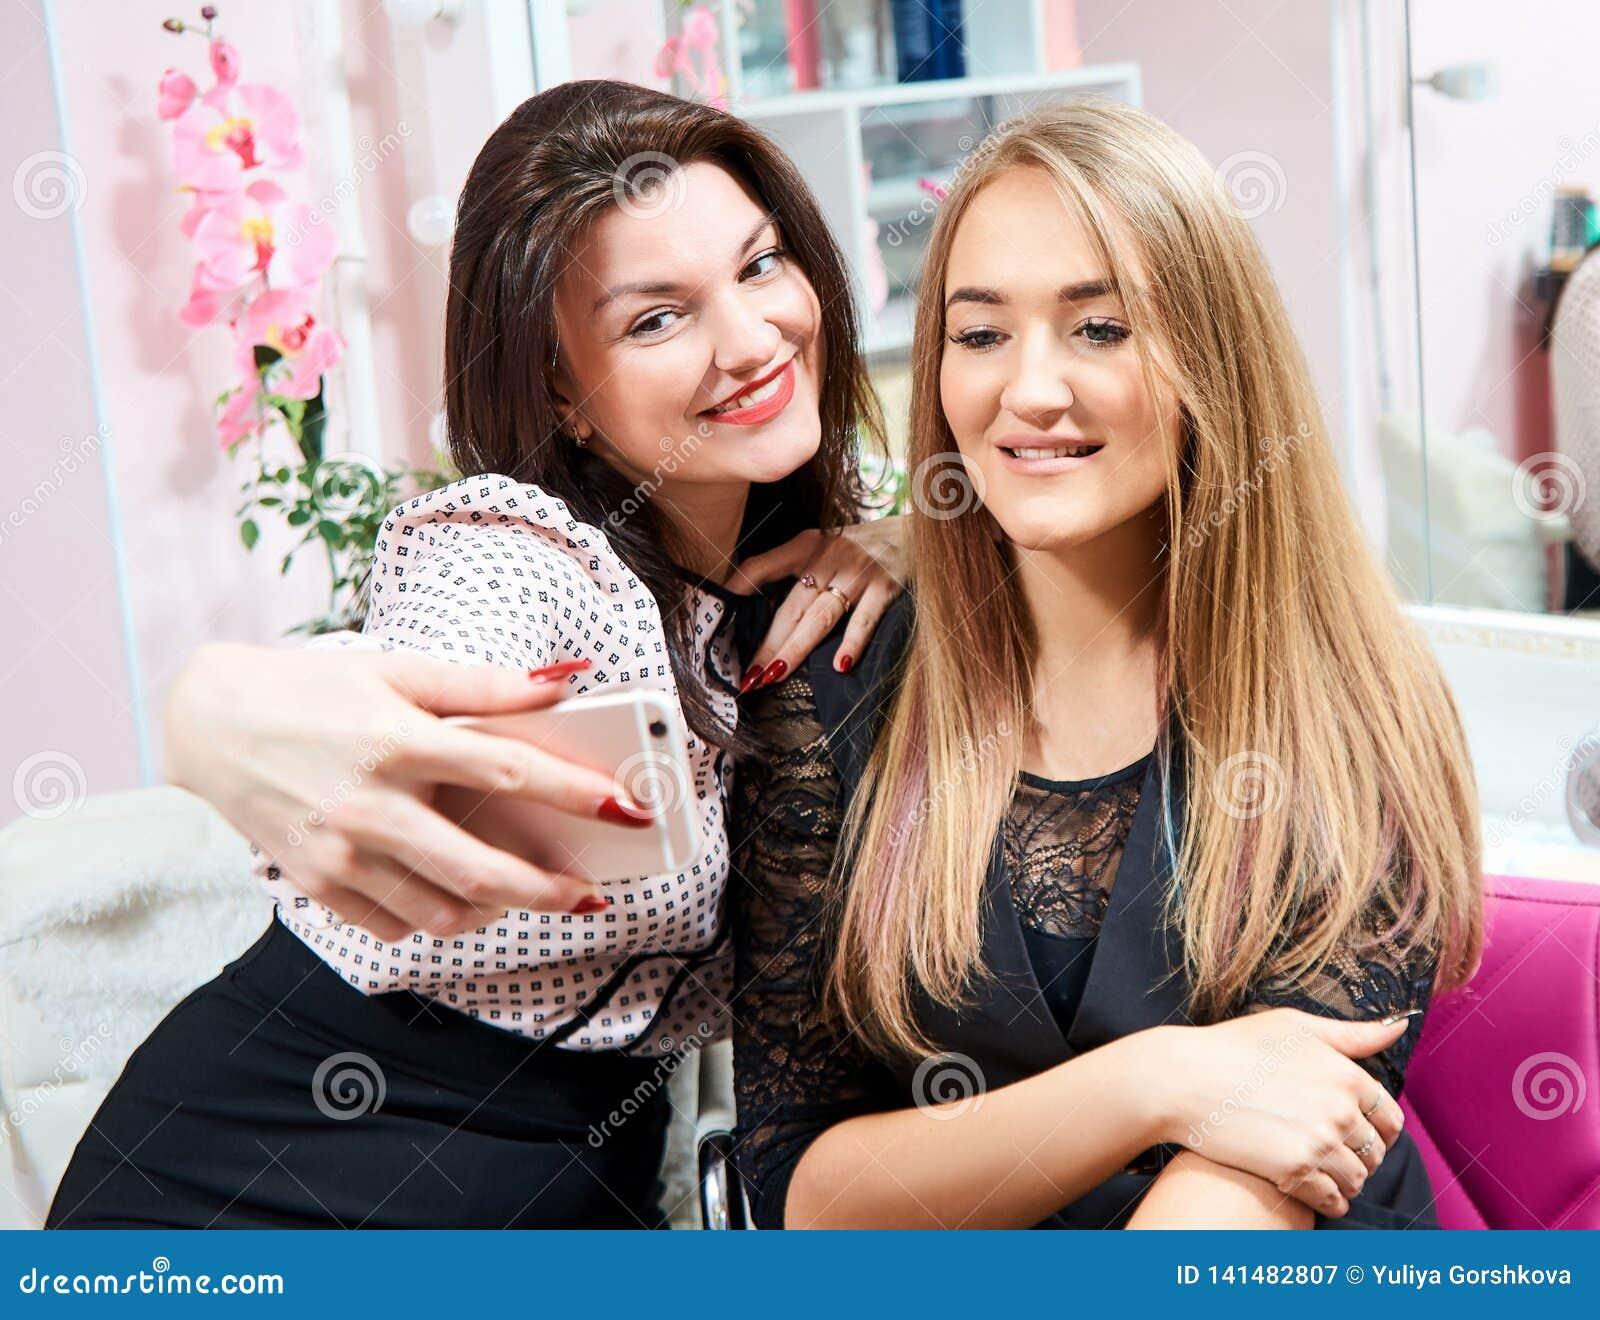 Zwei brunette Mädchen und eine Blondine machen ein selfie in einem Schönheitssalon